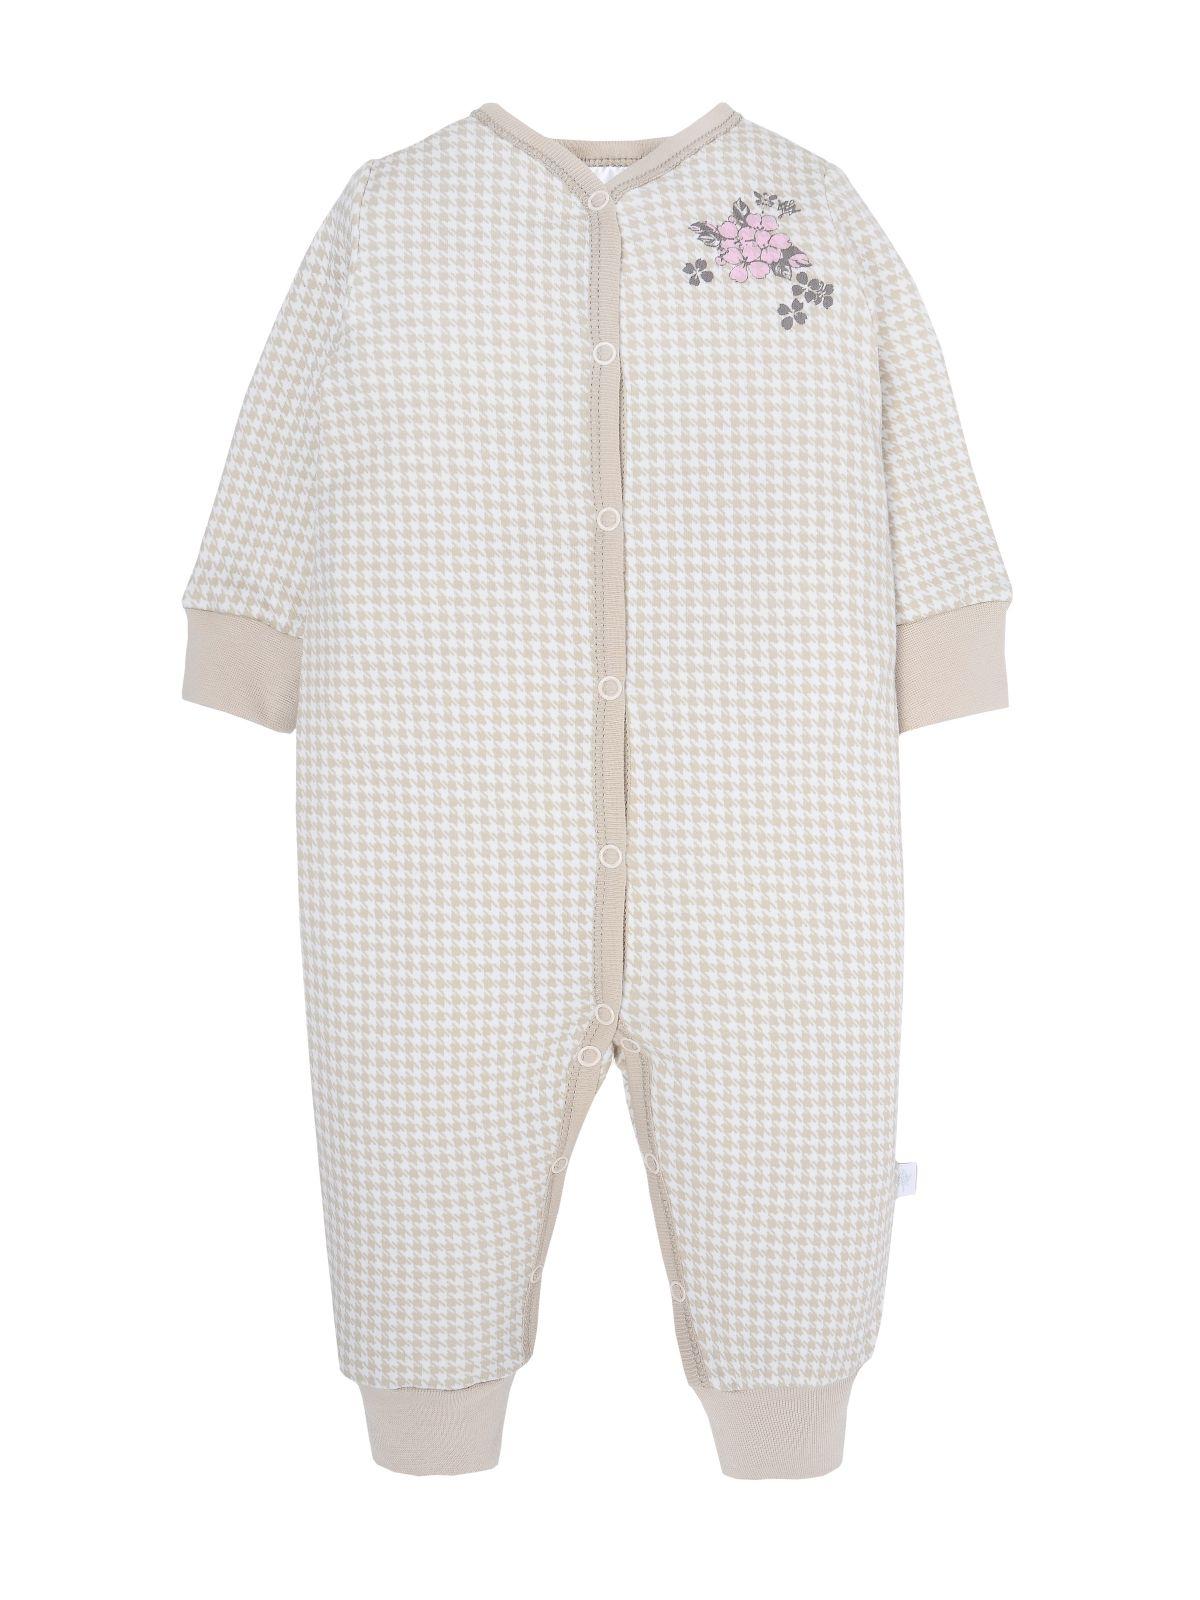 Купить Комбинезон для девочки Мамуляндия 19-801 Интерлок, Бежевый р. 68, Трикотажные комбинезоны для новорожденных